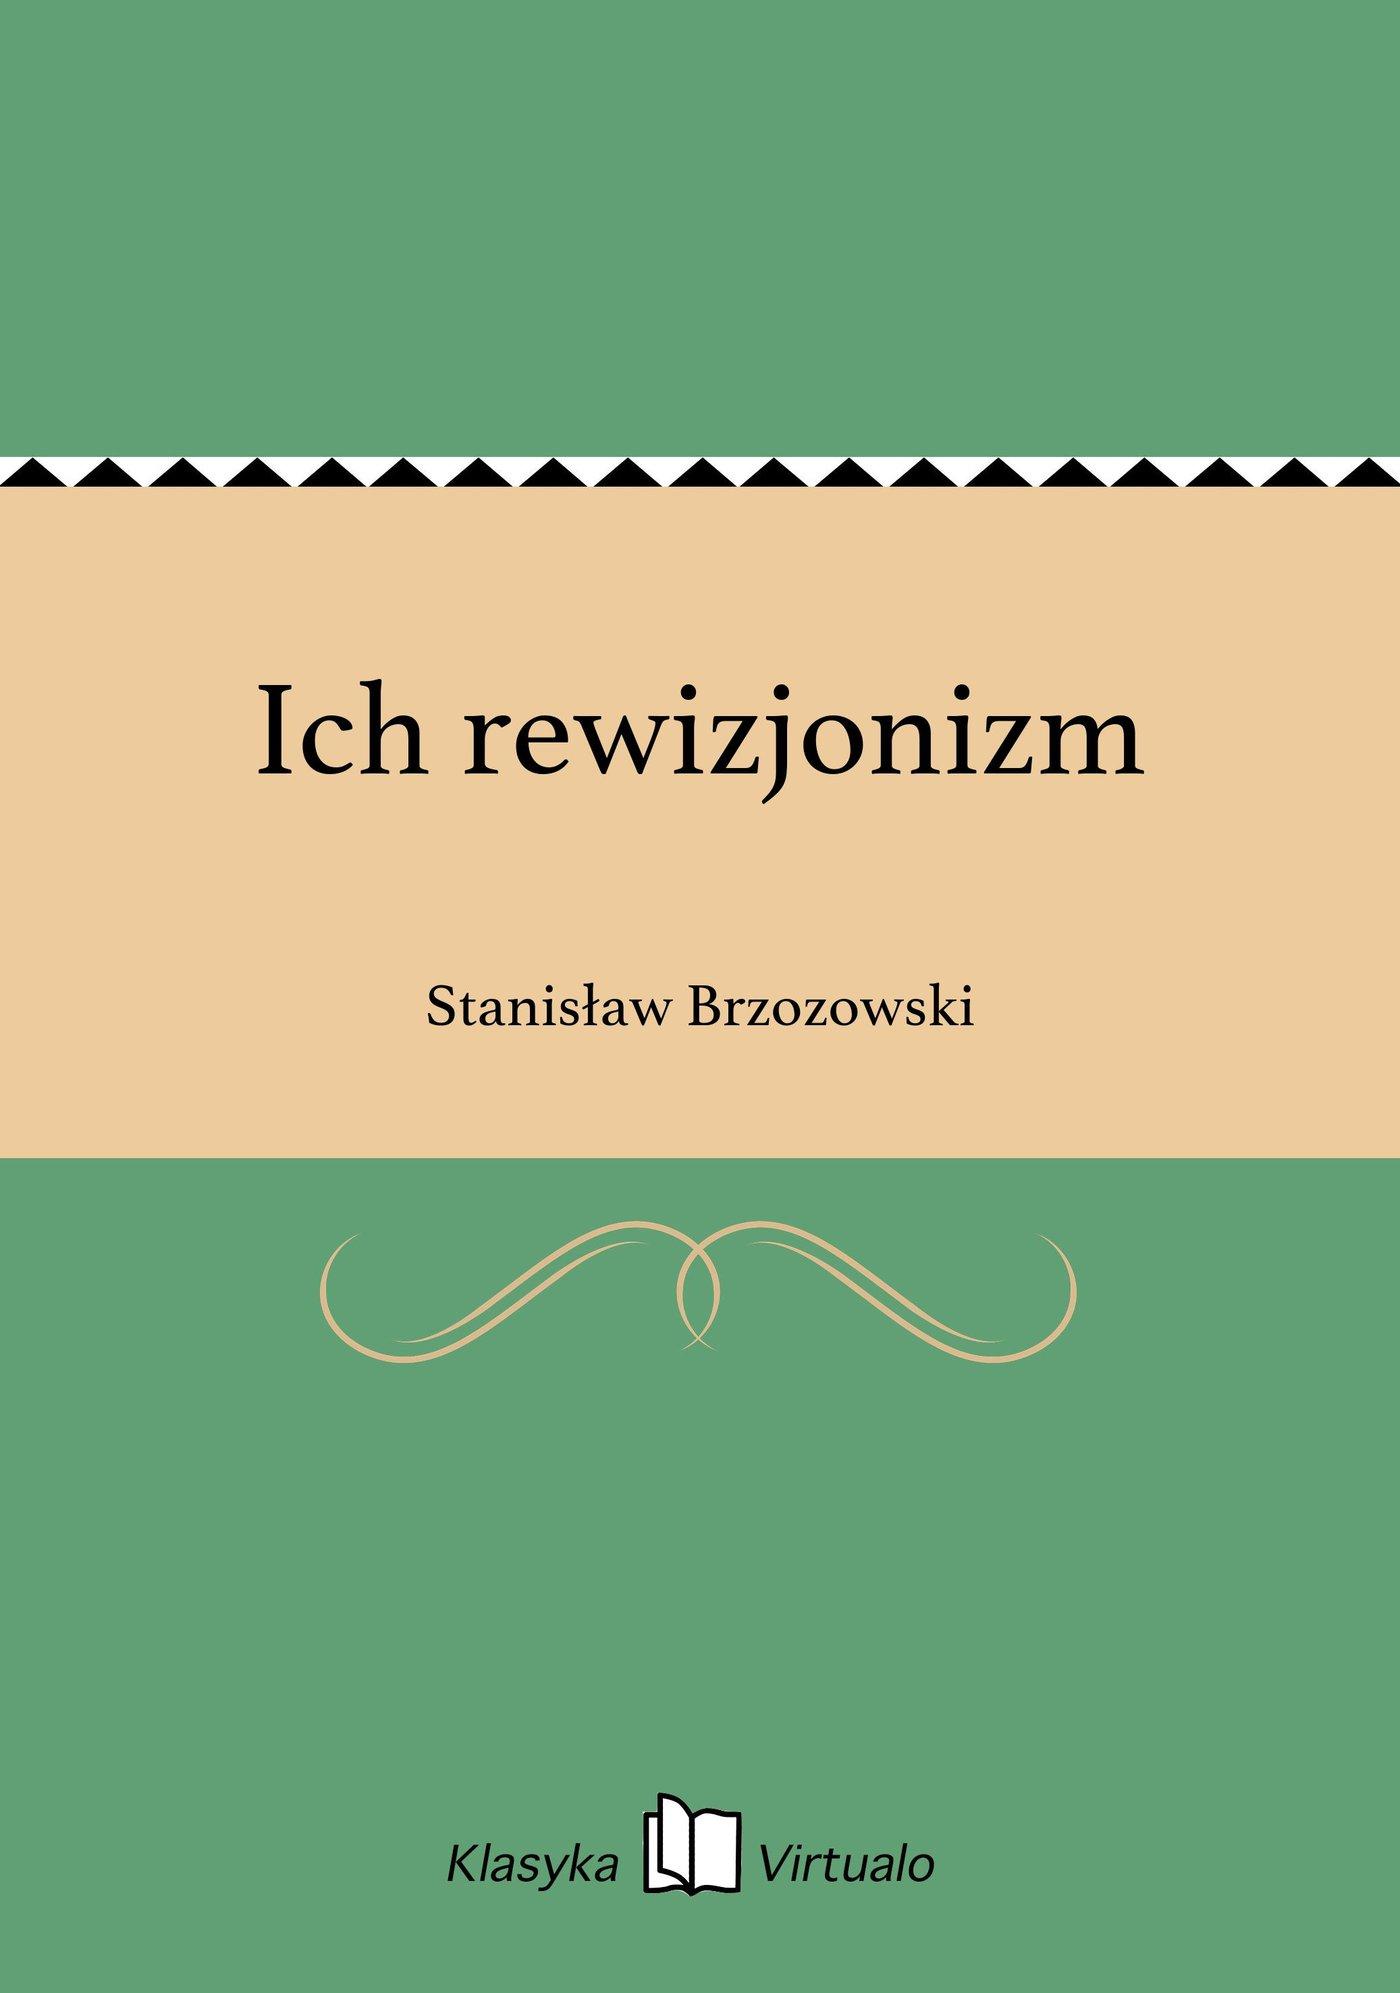 Ich rewizjonizm - Ebook (Książka EPUB) do pobrania w formacie EPUB